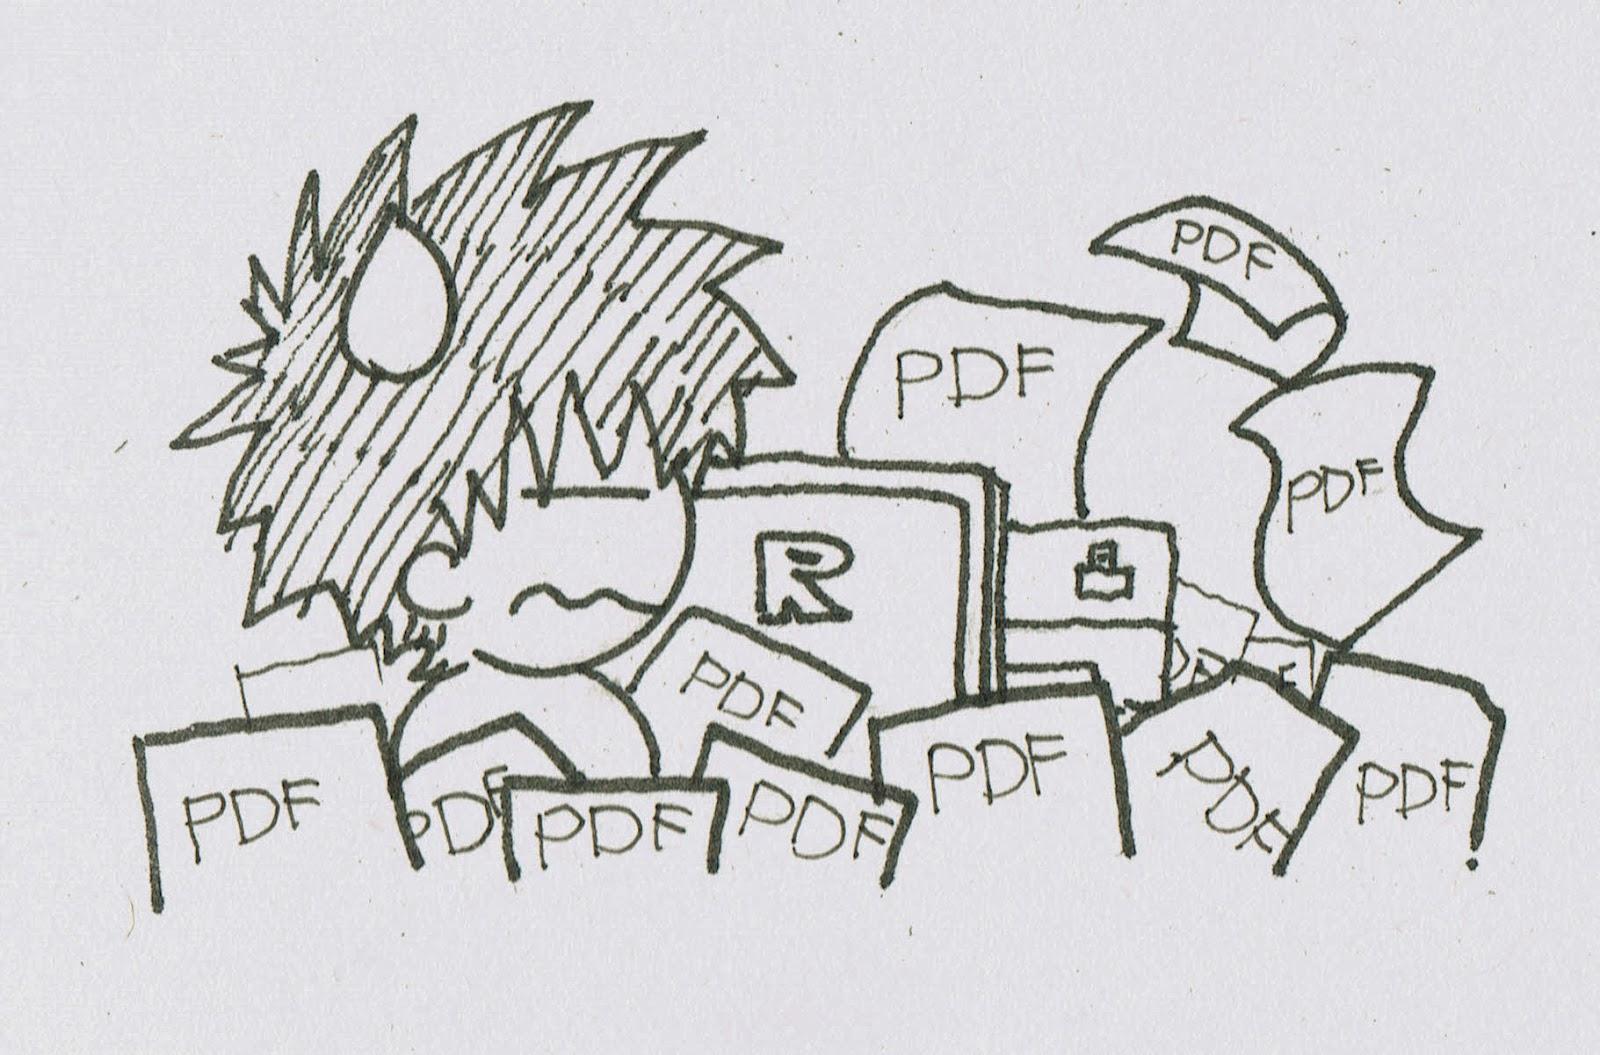 revit wont print to pdf